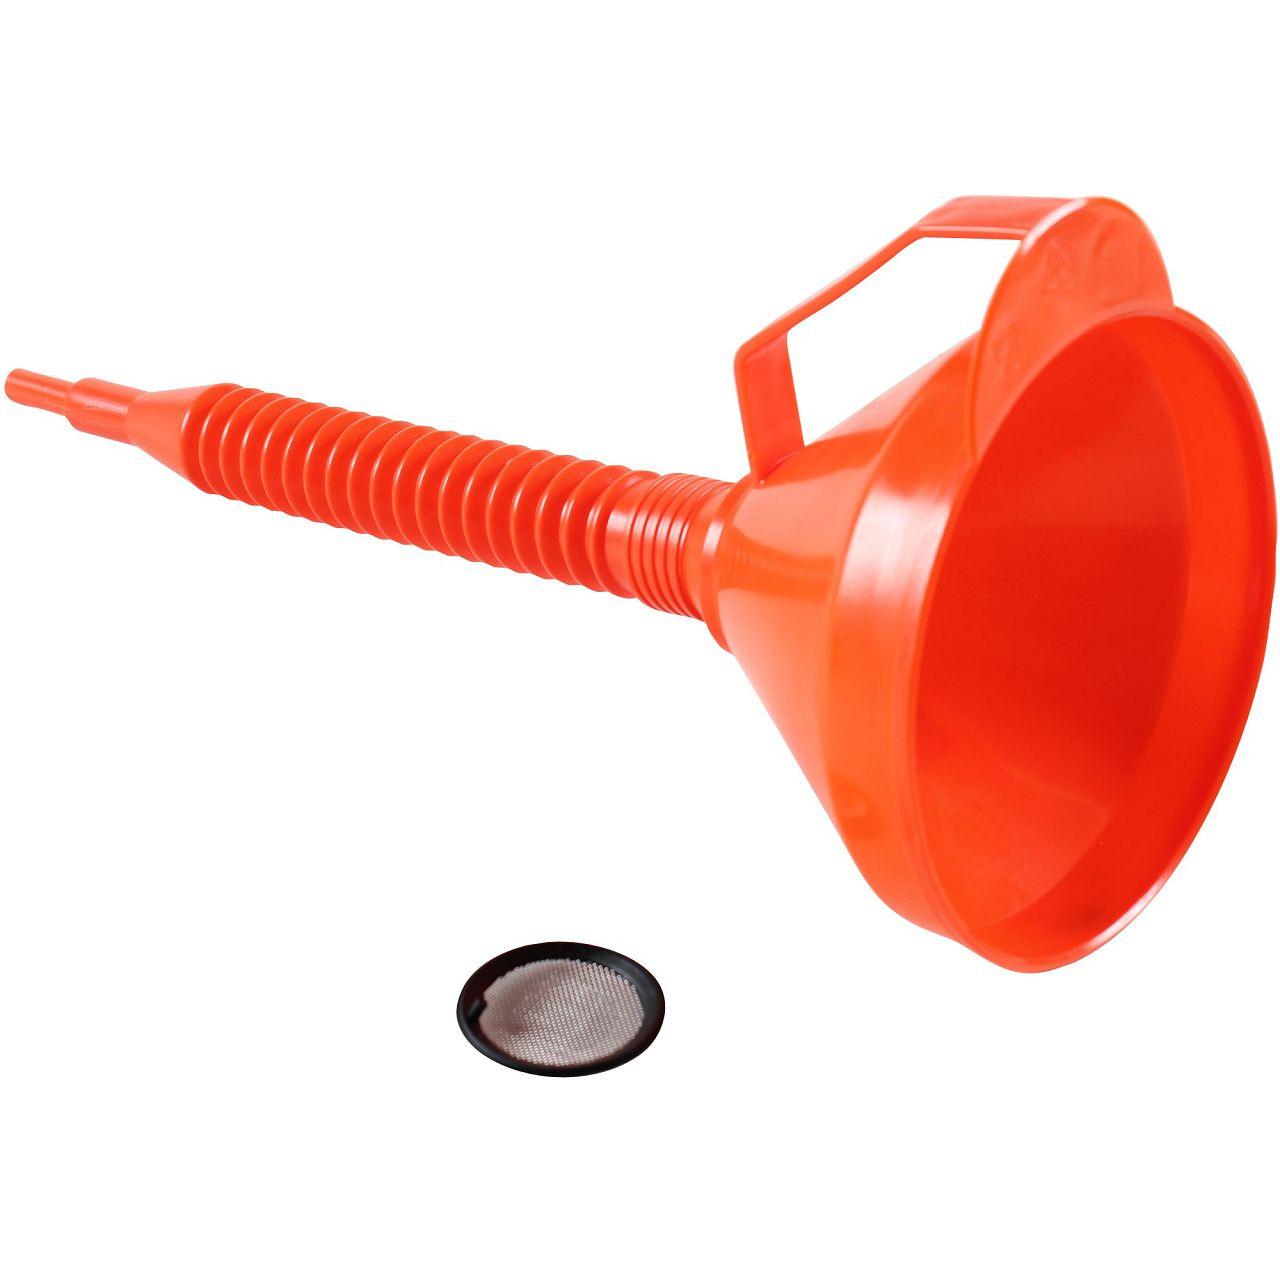 Trichter Einfülltrichter mit Sieb ORANGE Durchmesser Ø 160 mm flexibel